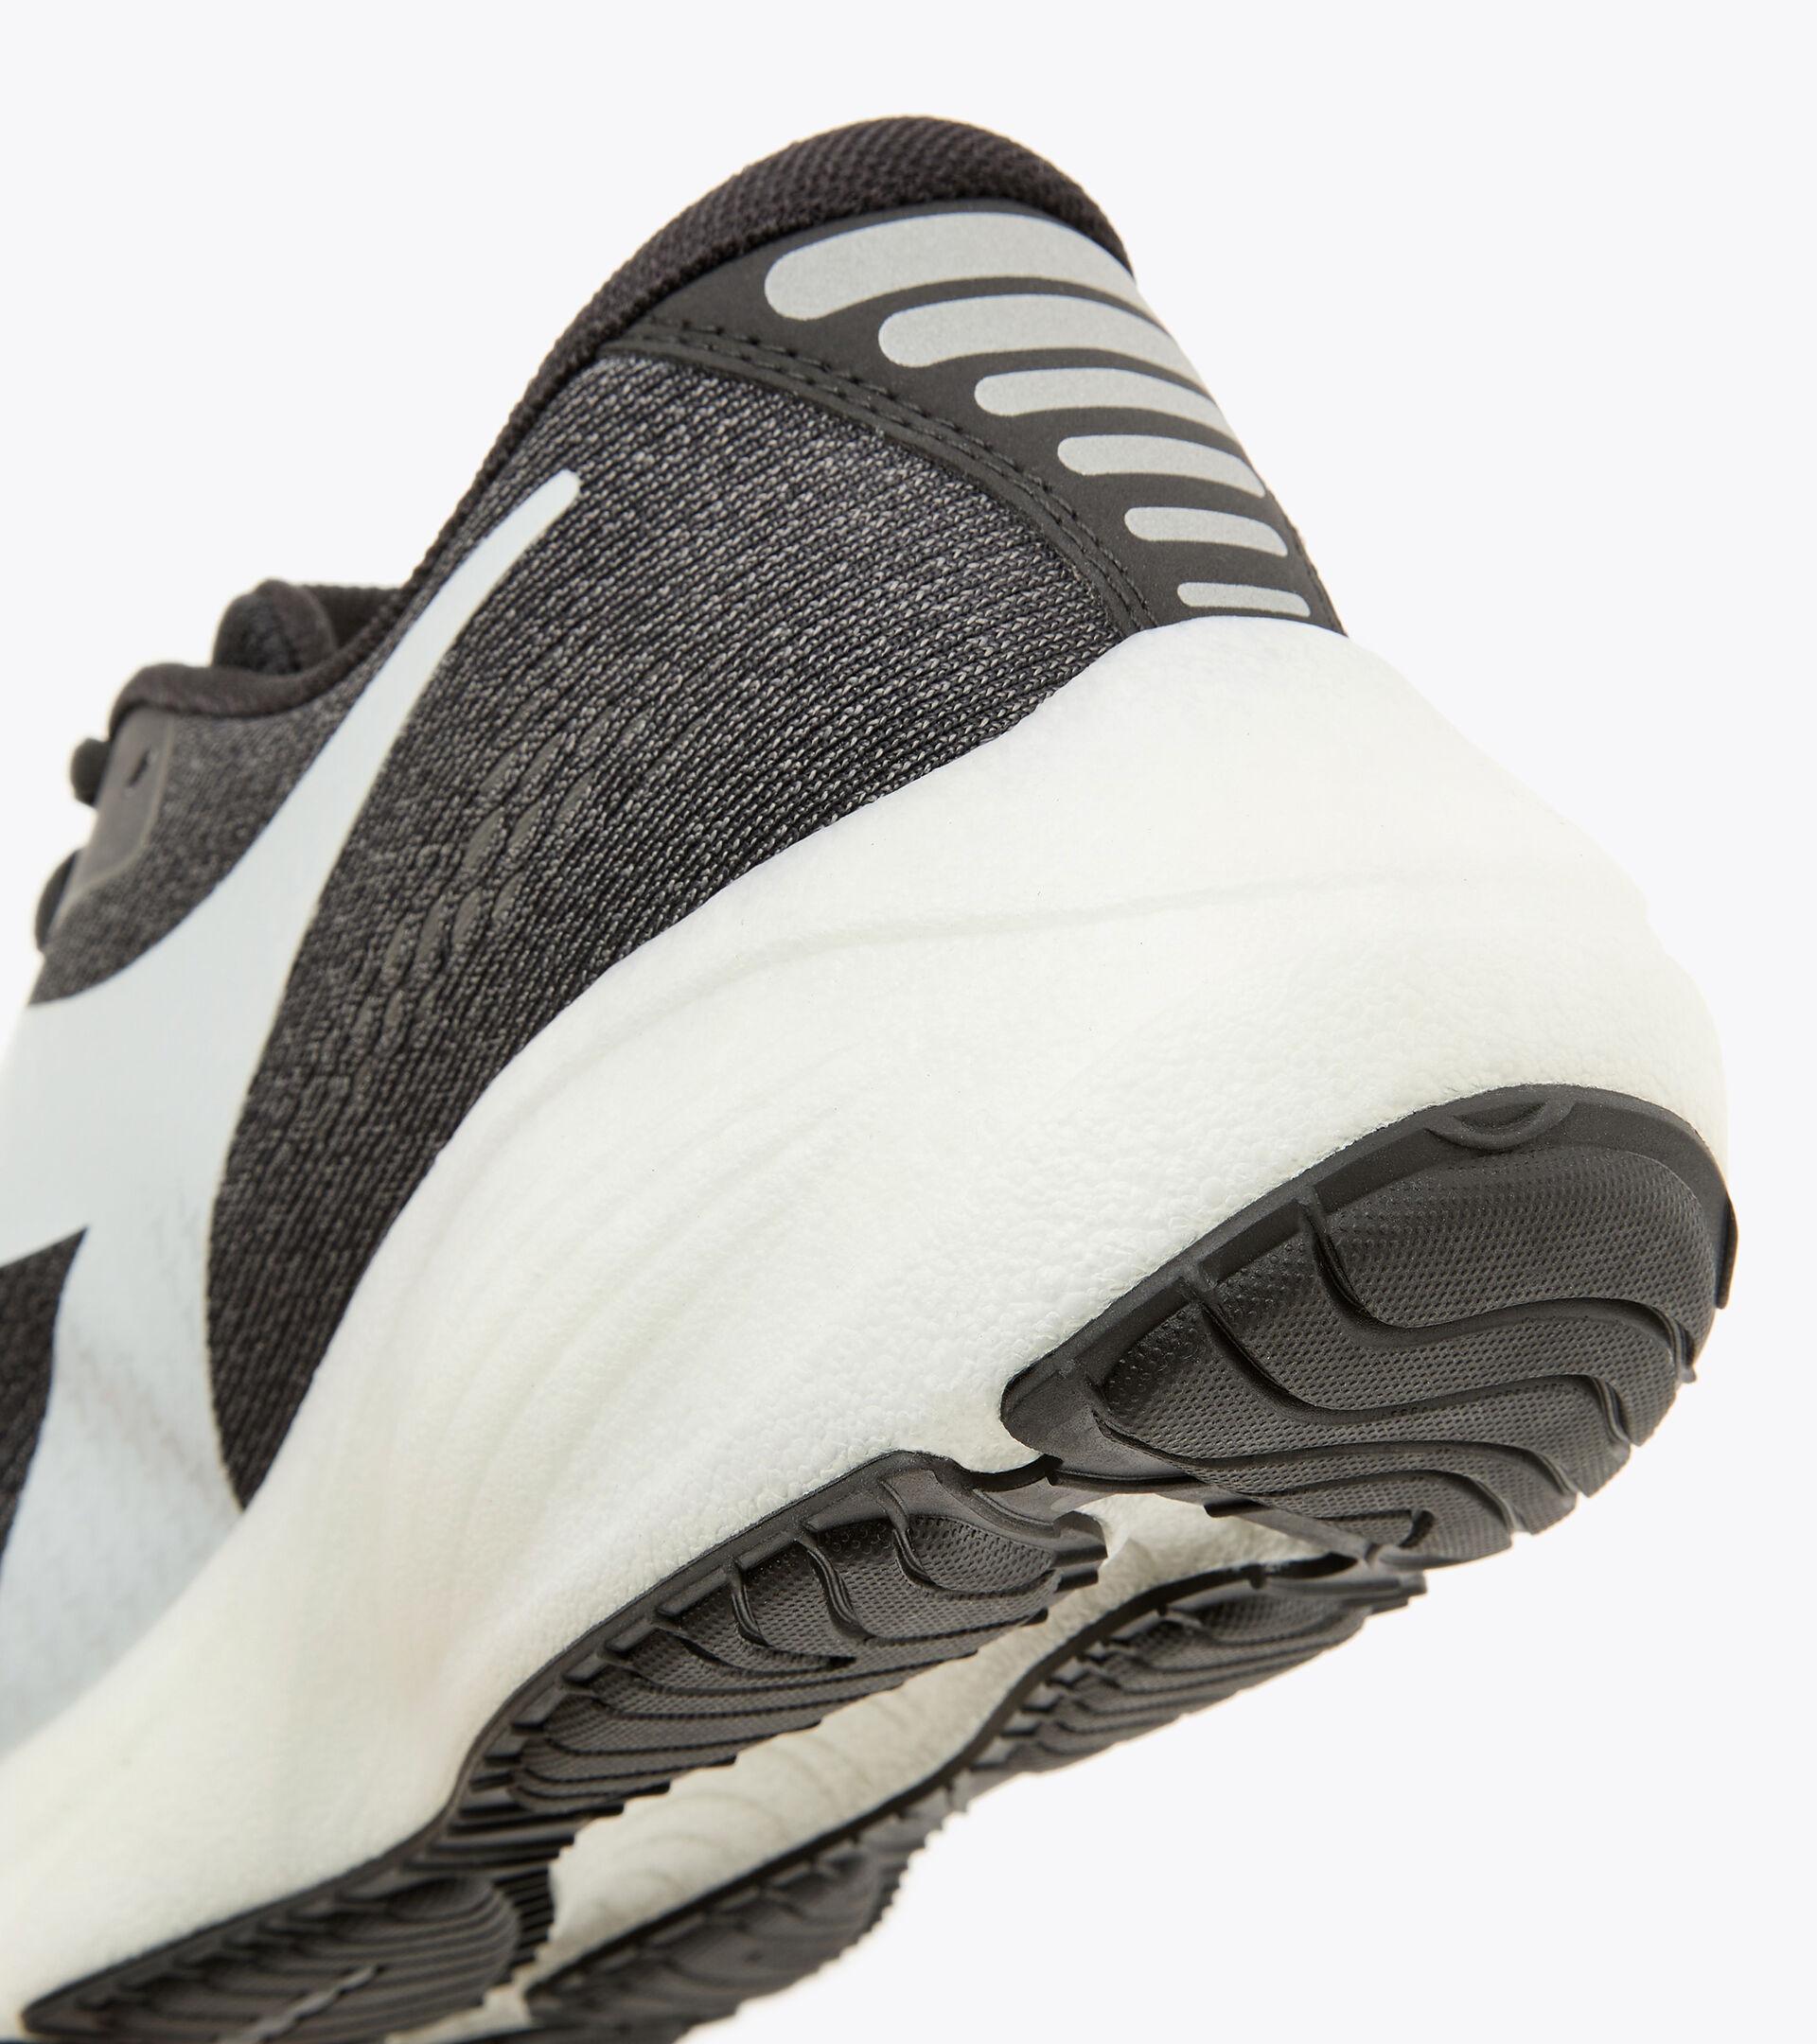 Chaussures de running - Homme FRECCIA NOIR/GRIS ACIER/BLANC - Diadora